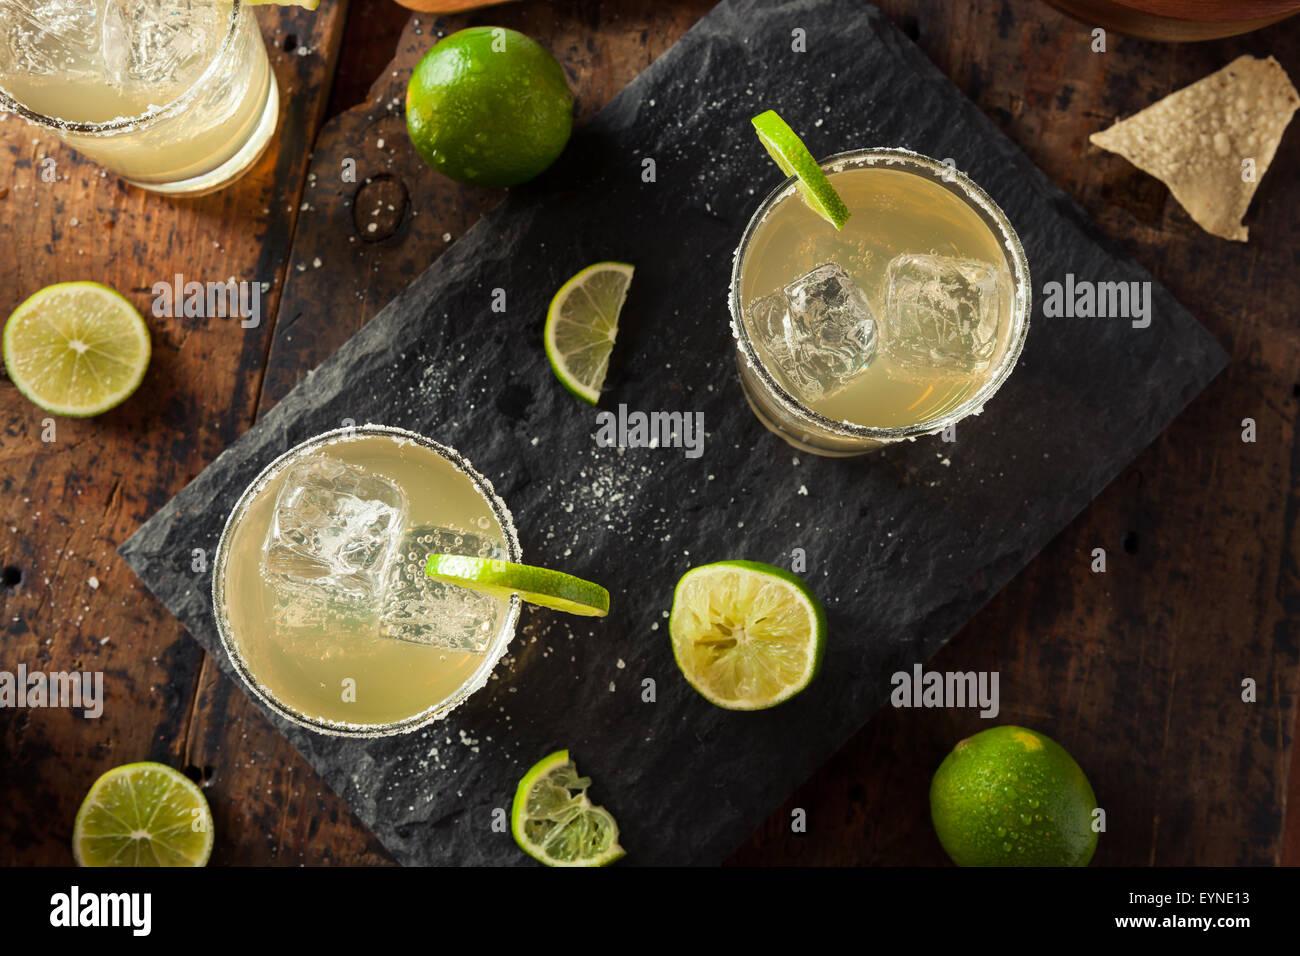 Margarita clásica bebida caseras con limón y sal Imagen De Stock